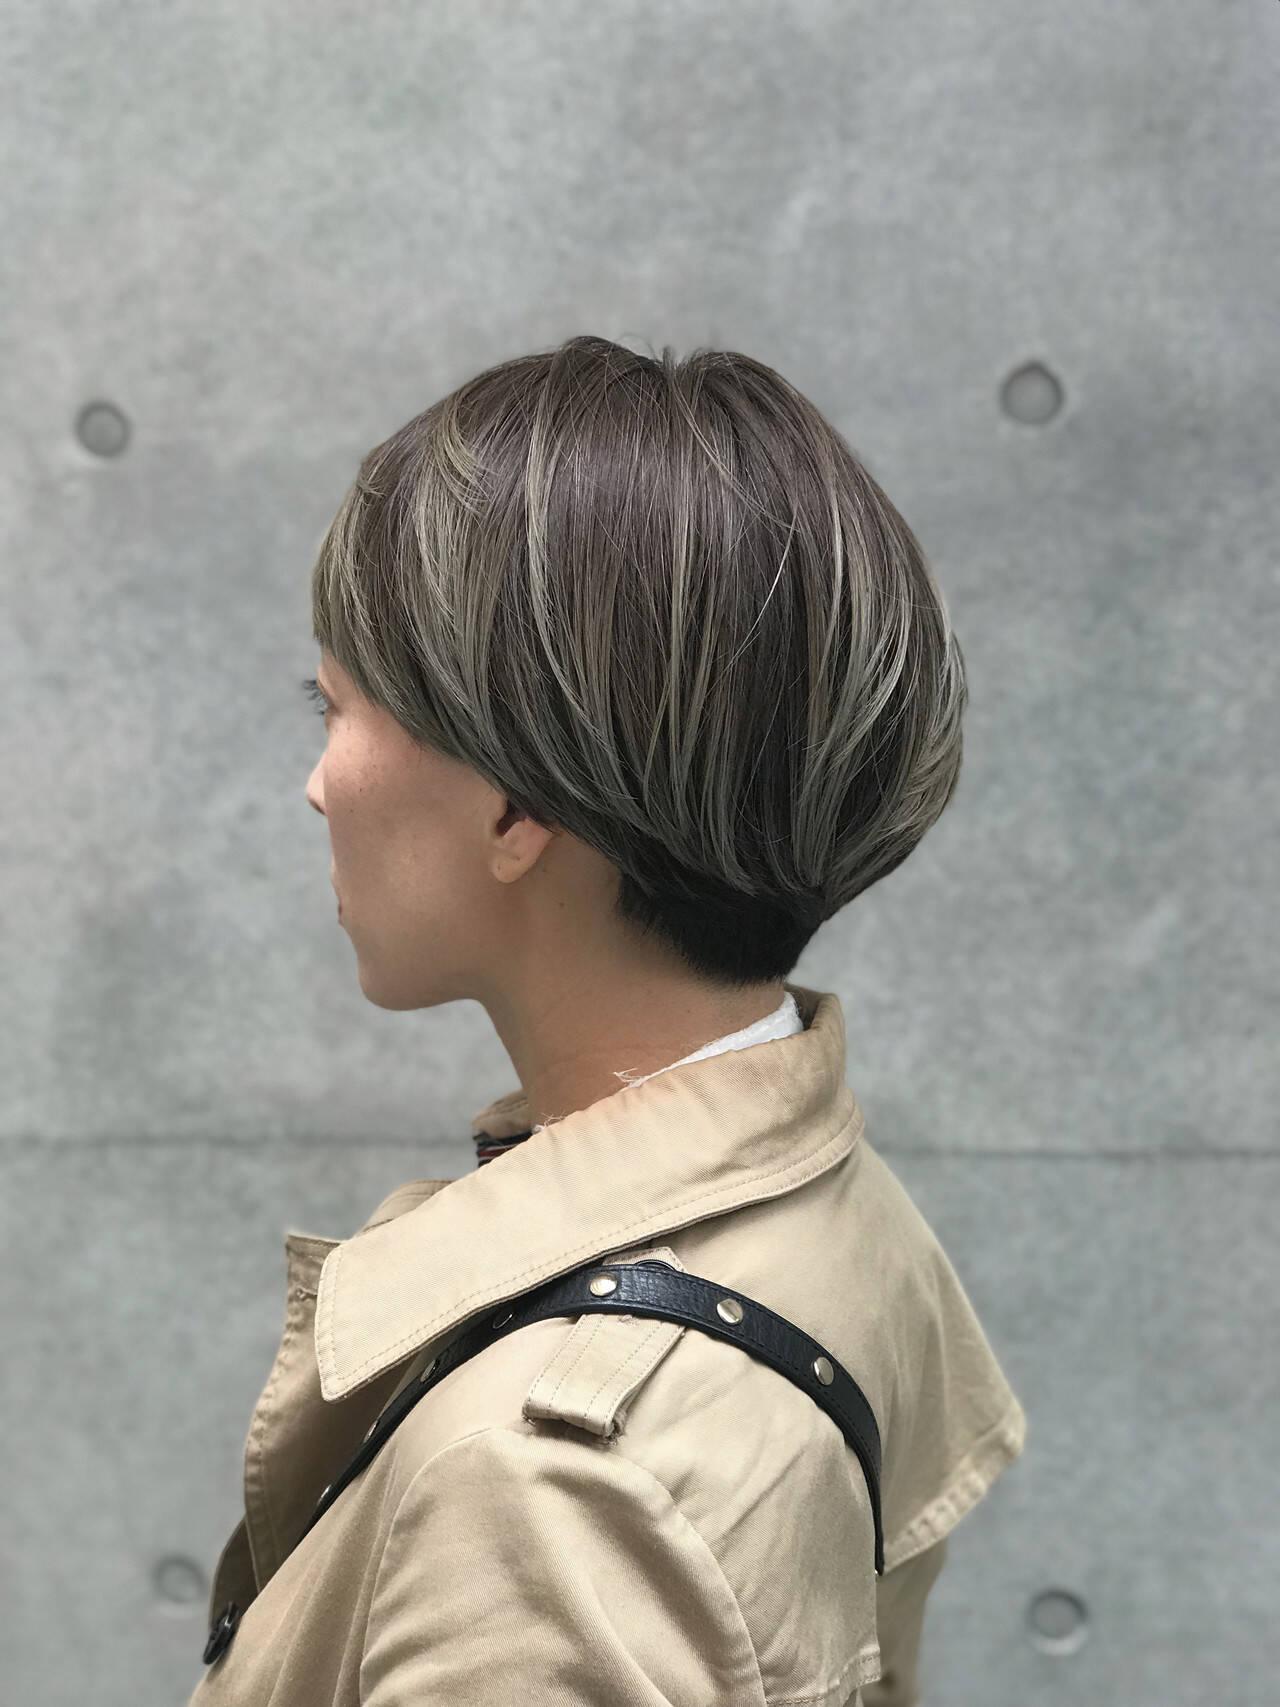 マッシュヘア ショート ハイライト コントラストハイライトヘアスタイルや髪型の写真・画像